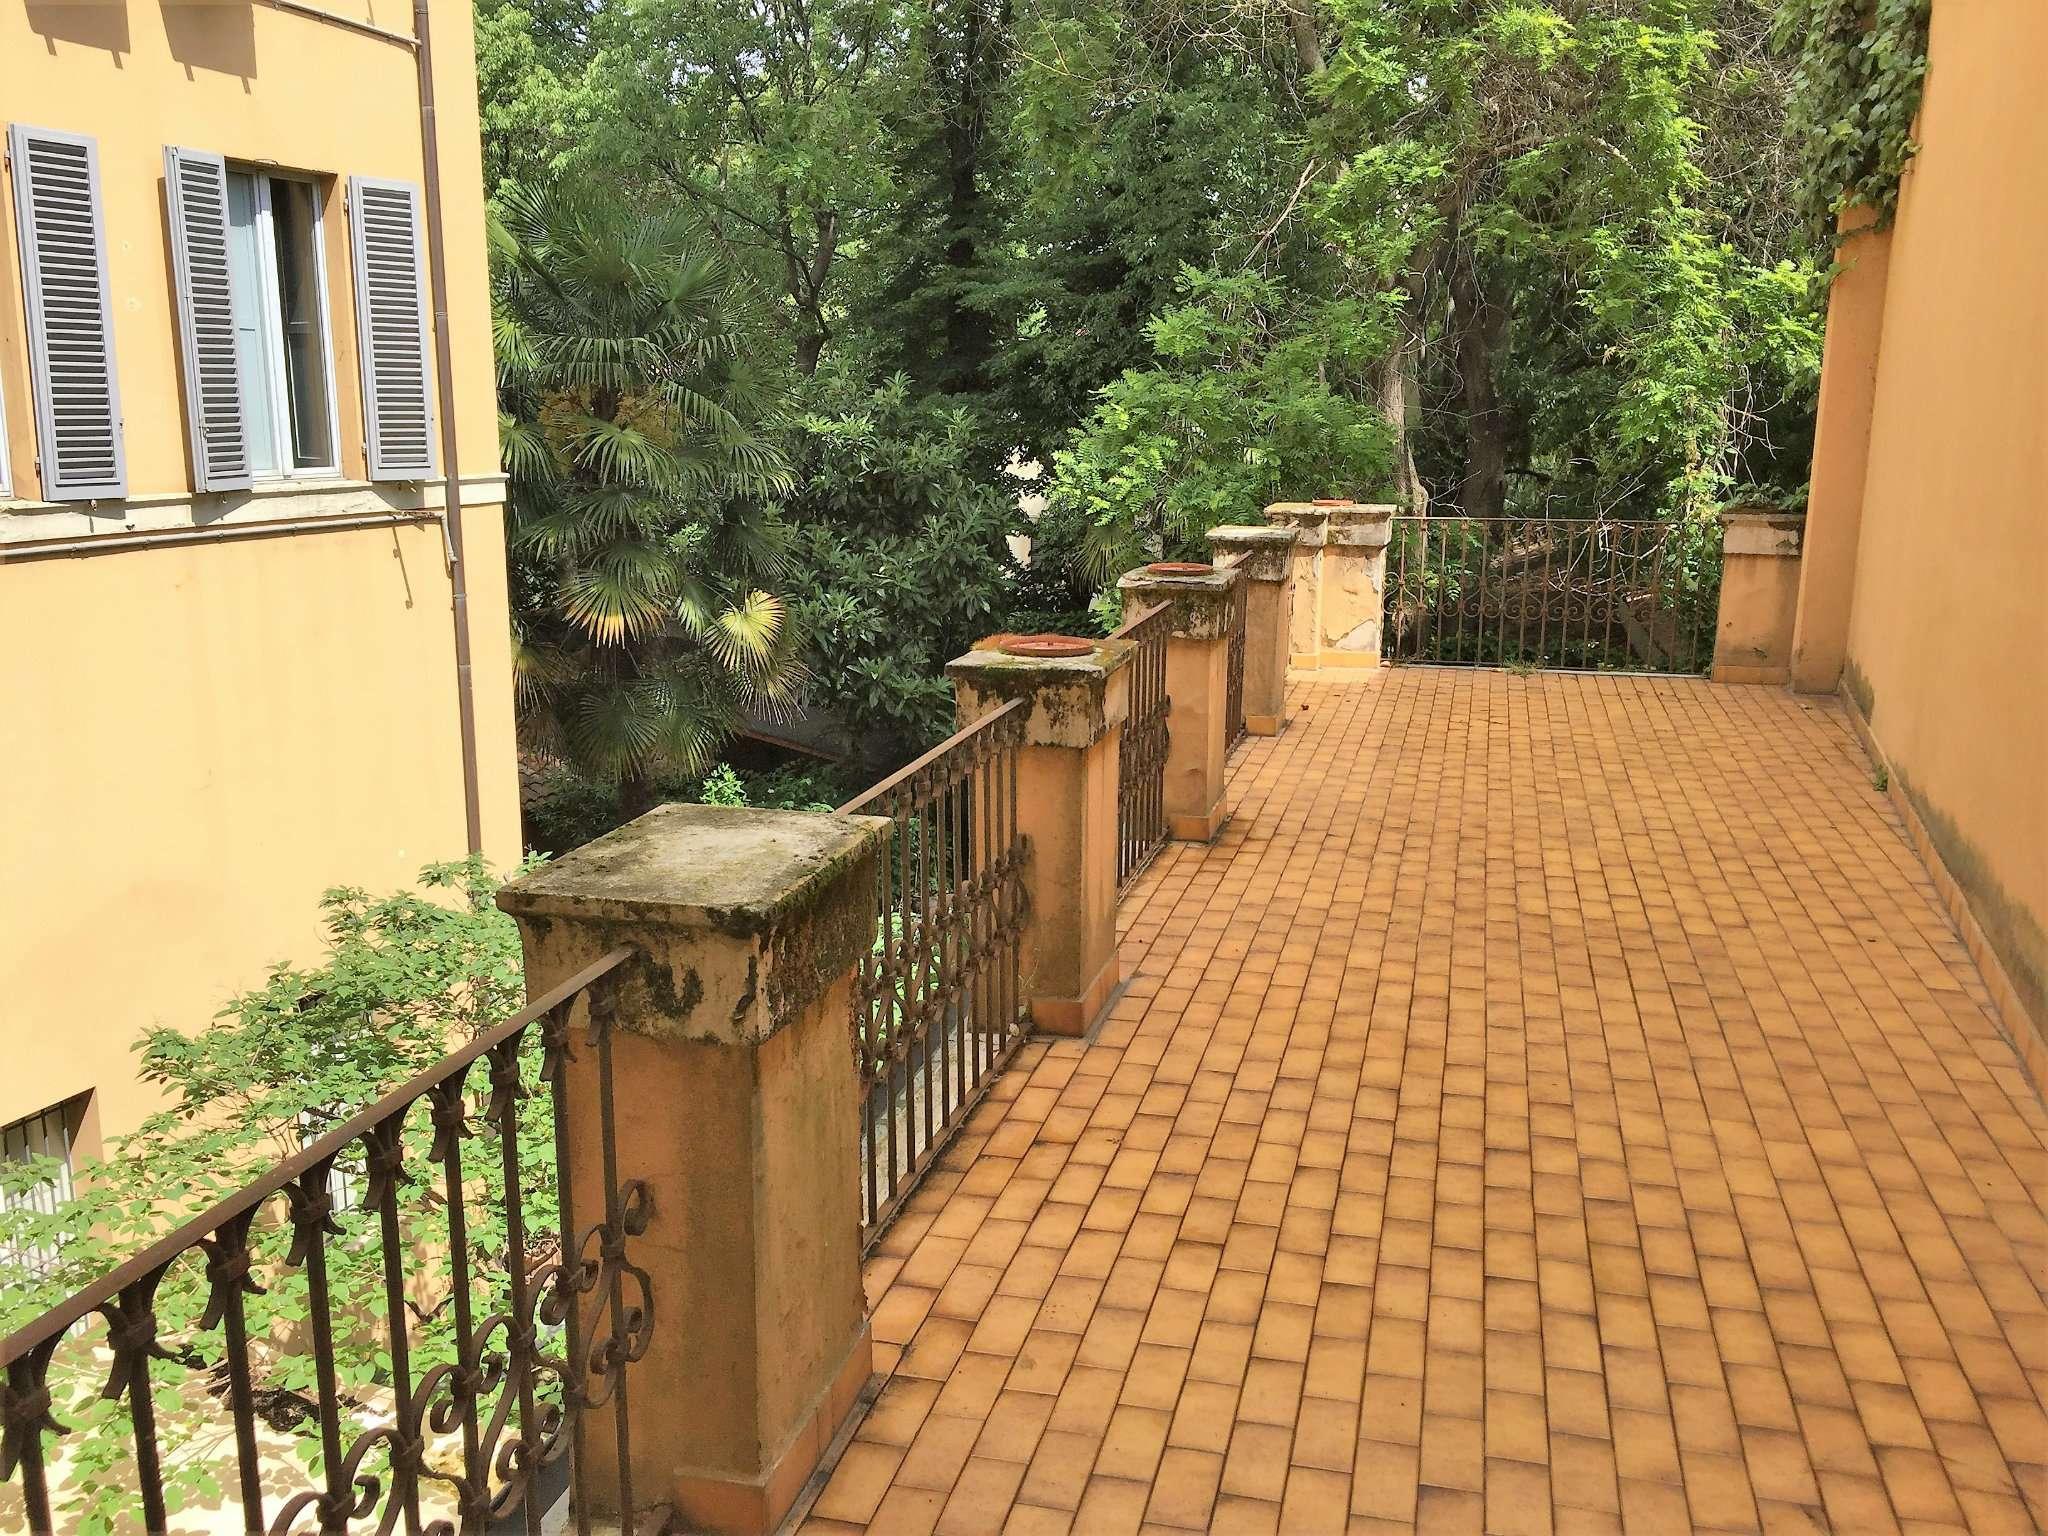 Appartamento in vendita a Bologna, 7 locali, zona Zona: 1 . Centro Storico, prezzo € 1.000.000 | Cambio Casa.it